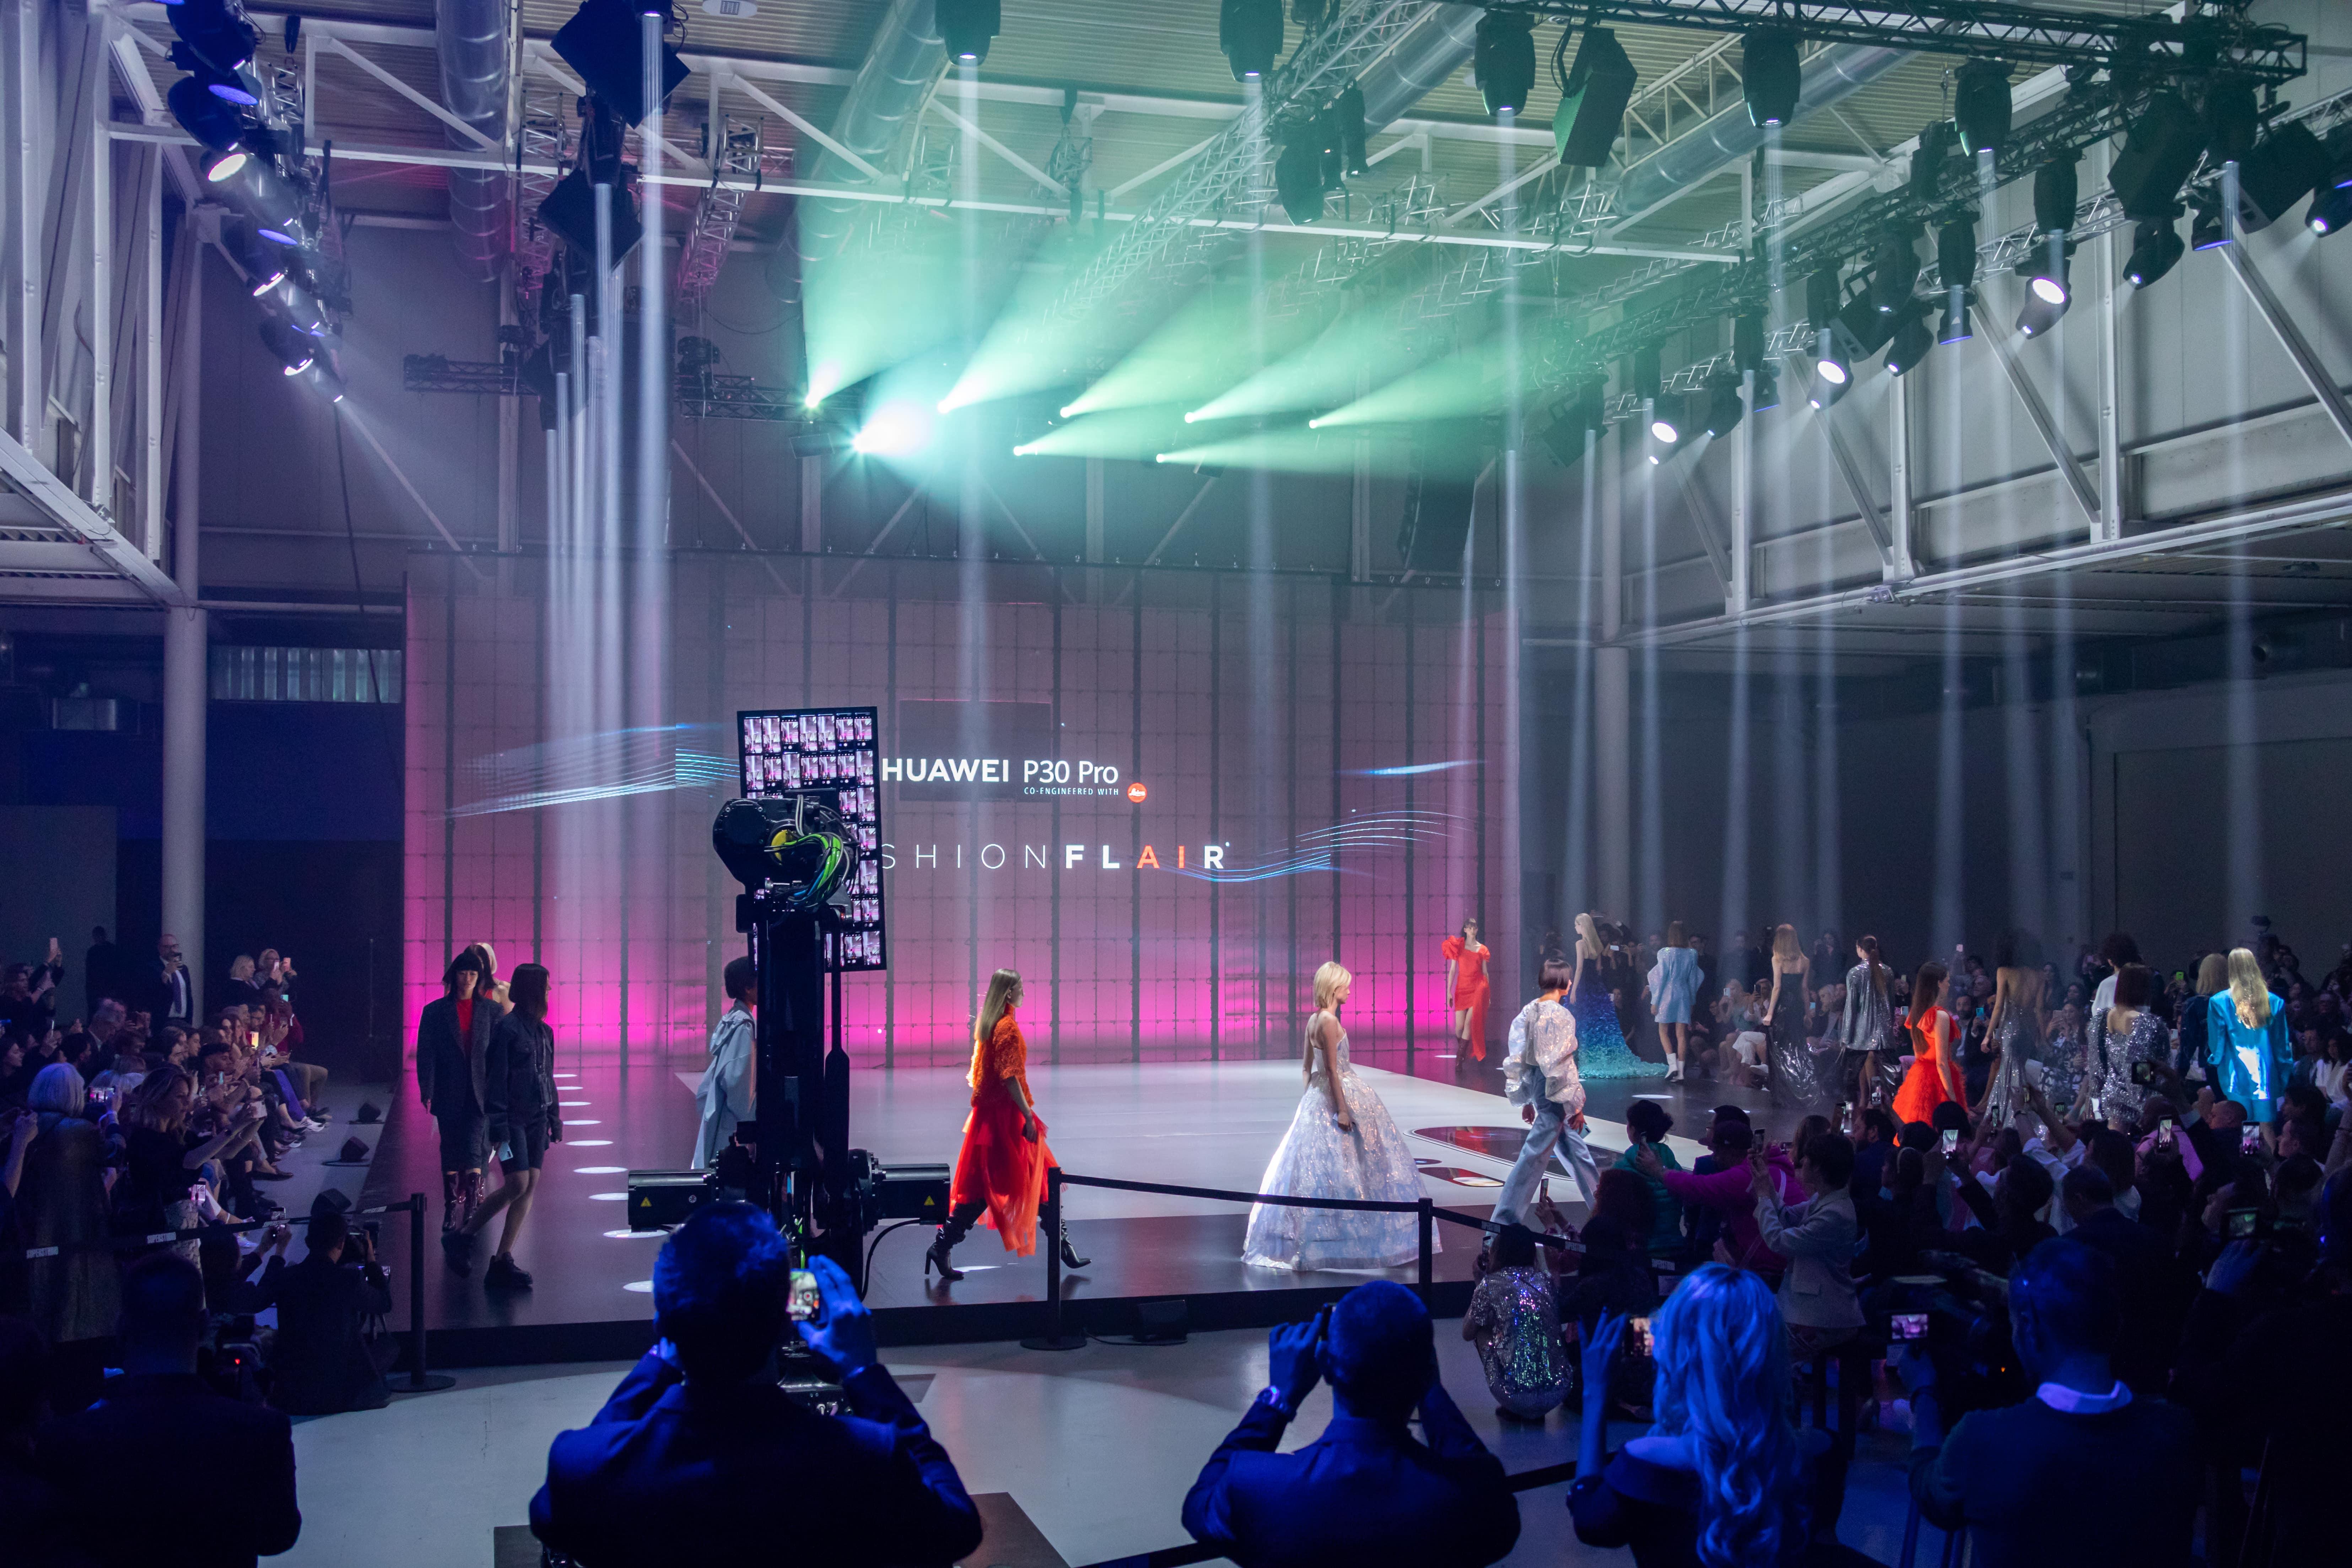 Huawei fashion Flair Evento